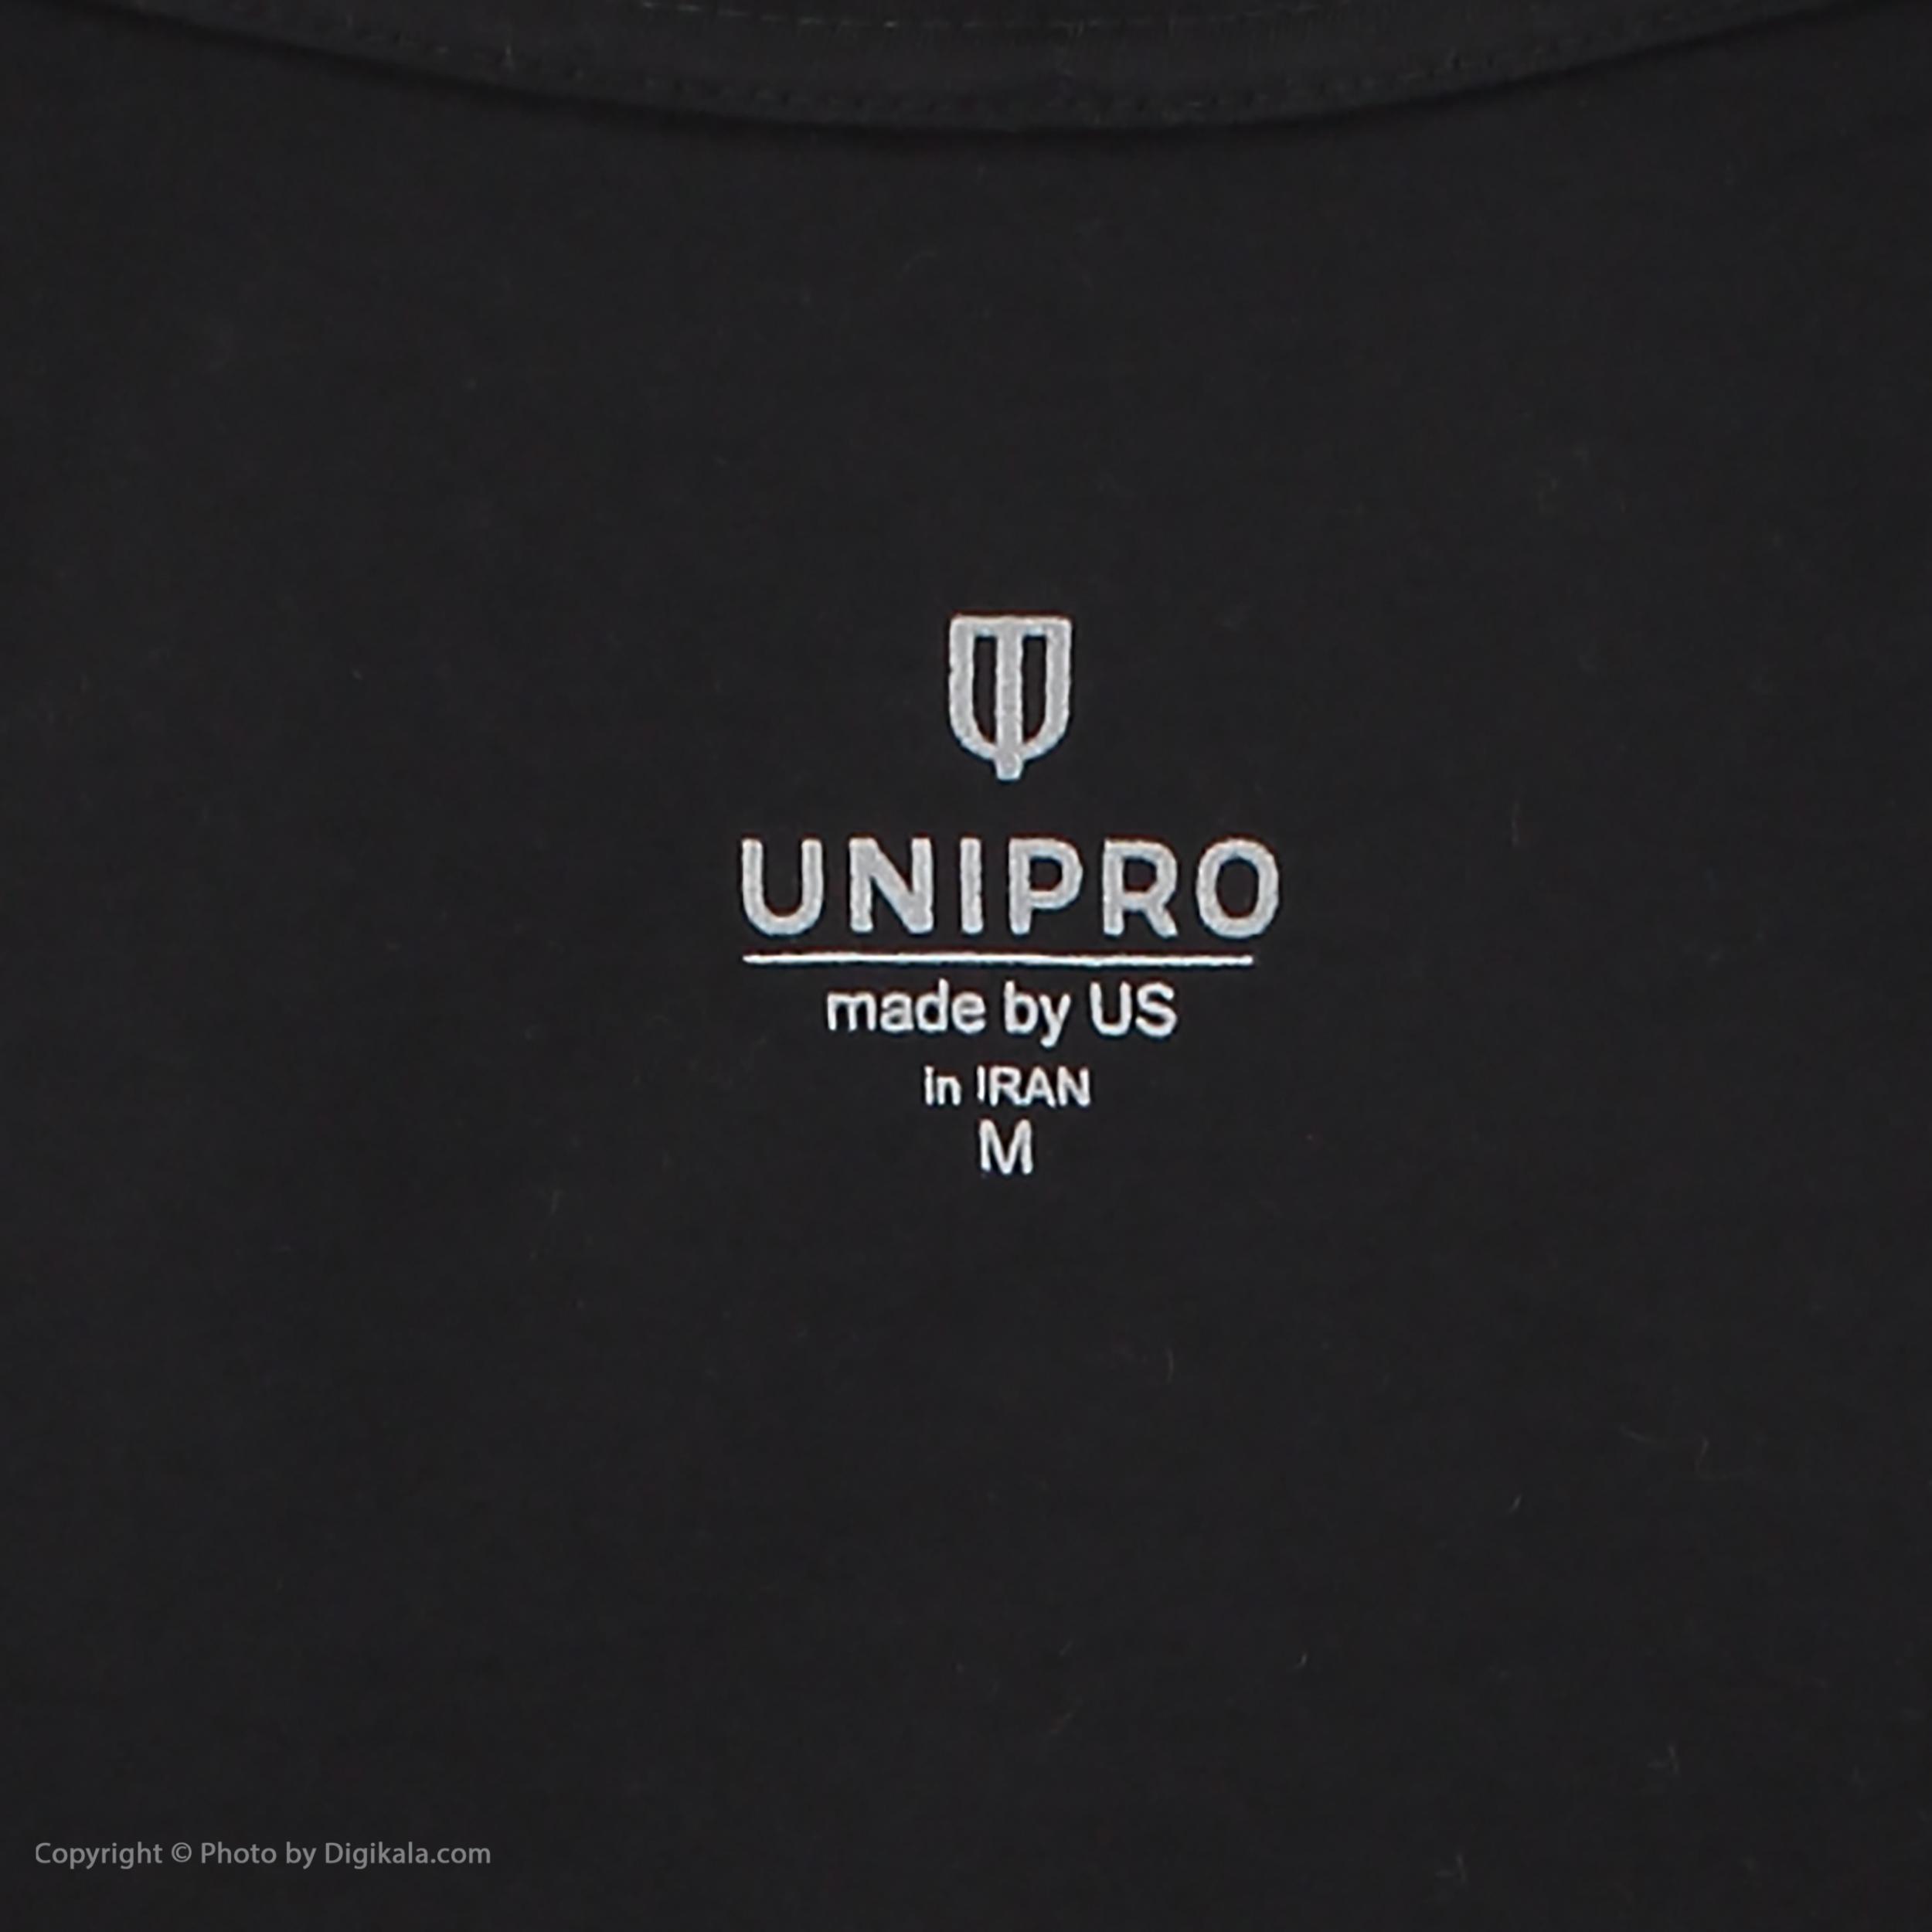 تی شرت ورزشی زنانه یونی پرو مدل 814119301-95 -  - 6